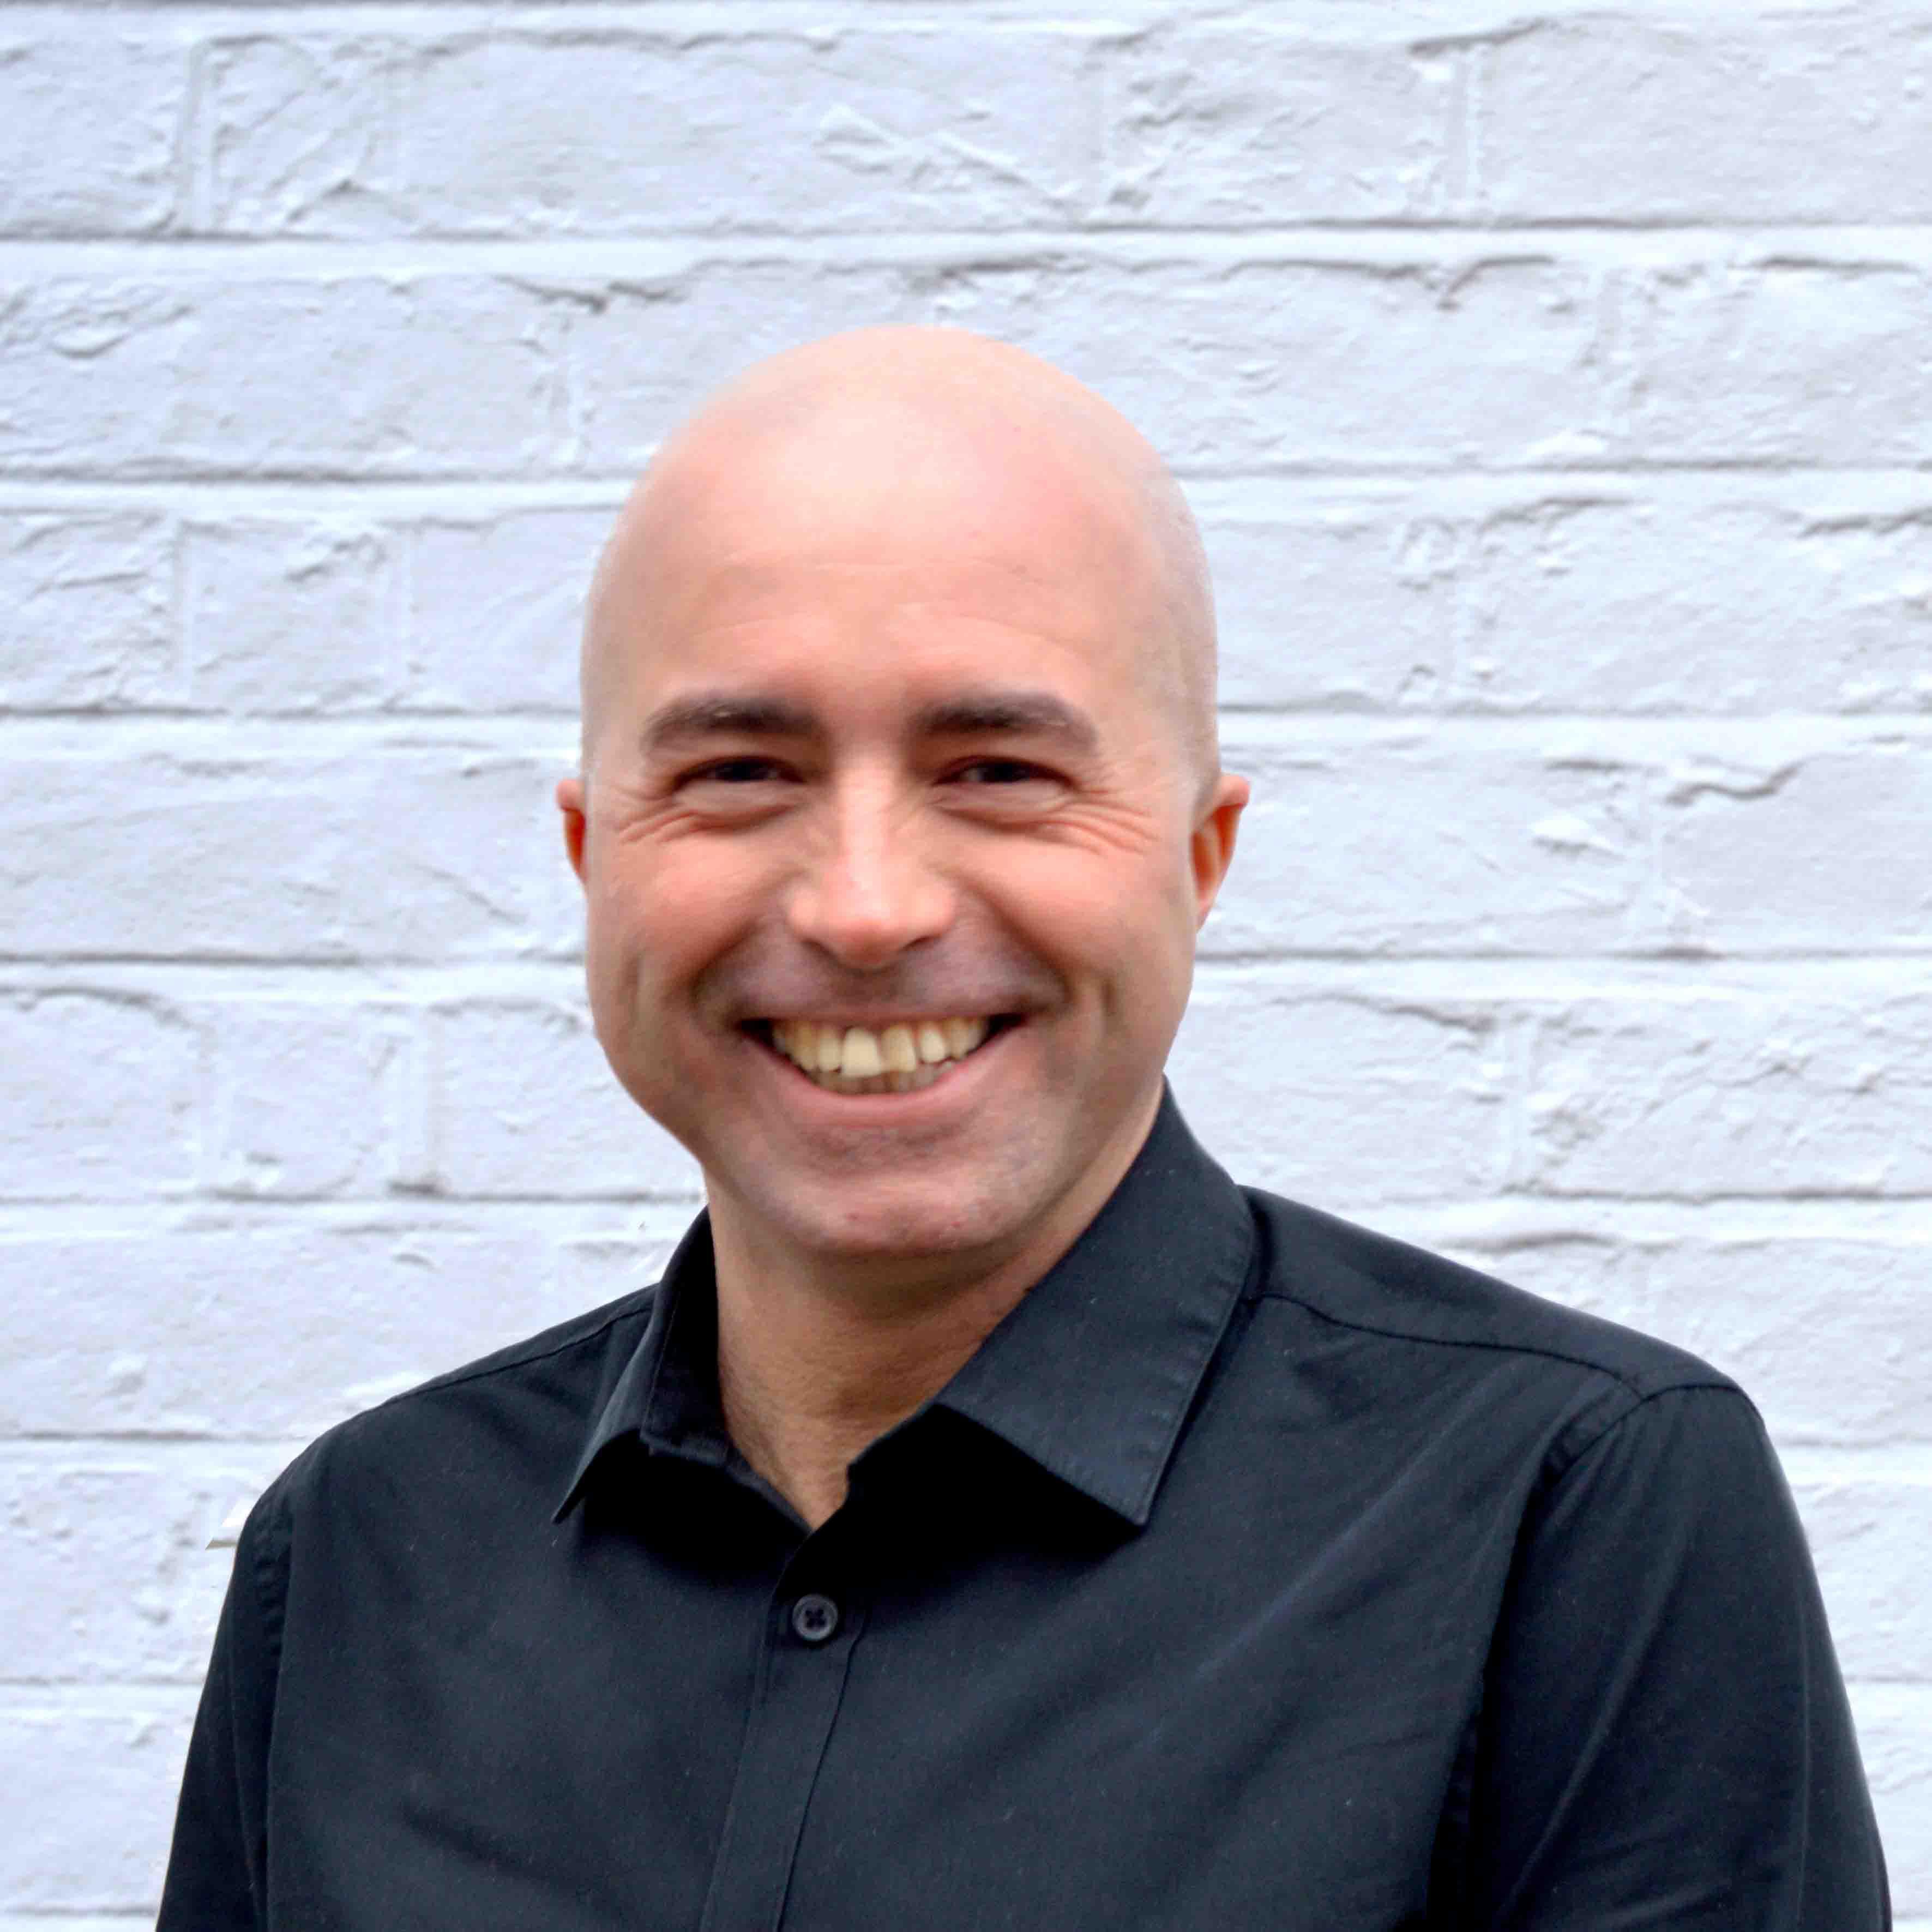 Simon Bode